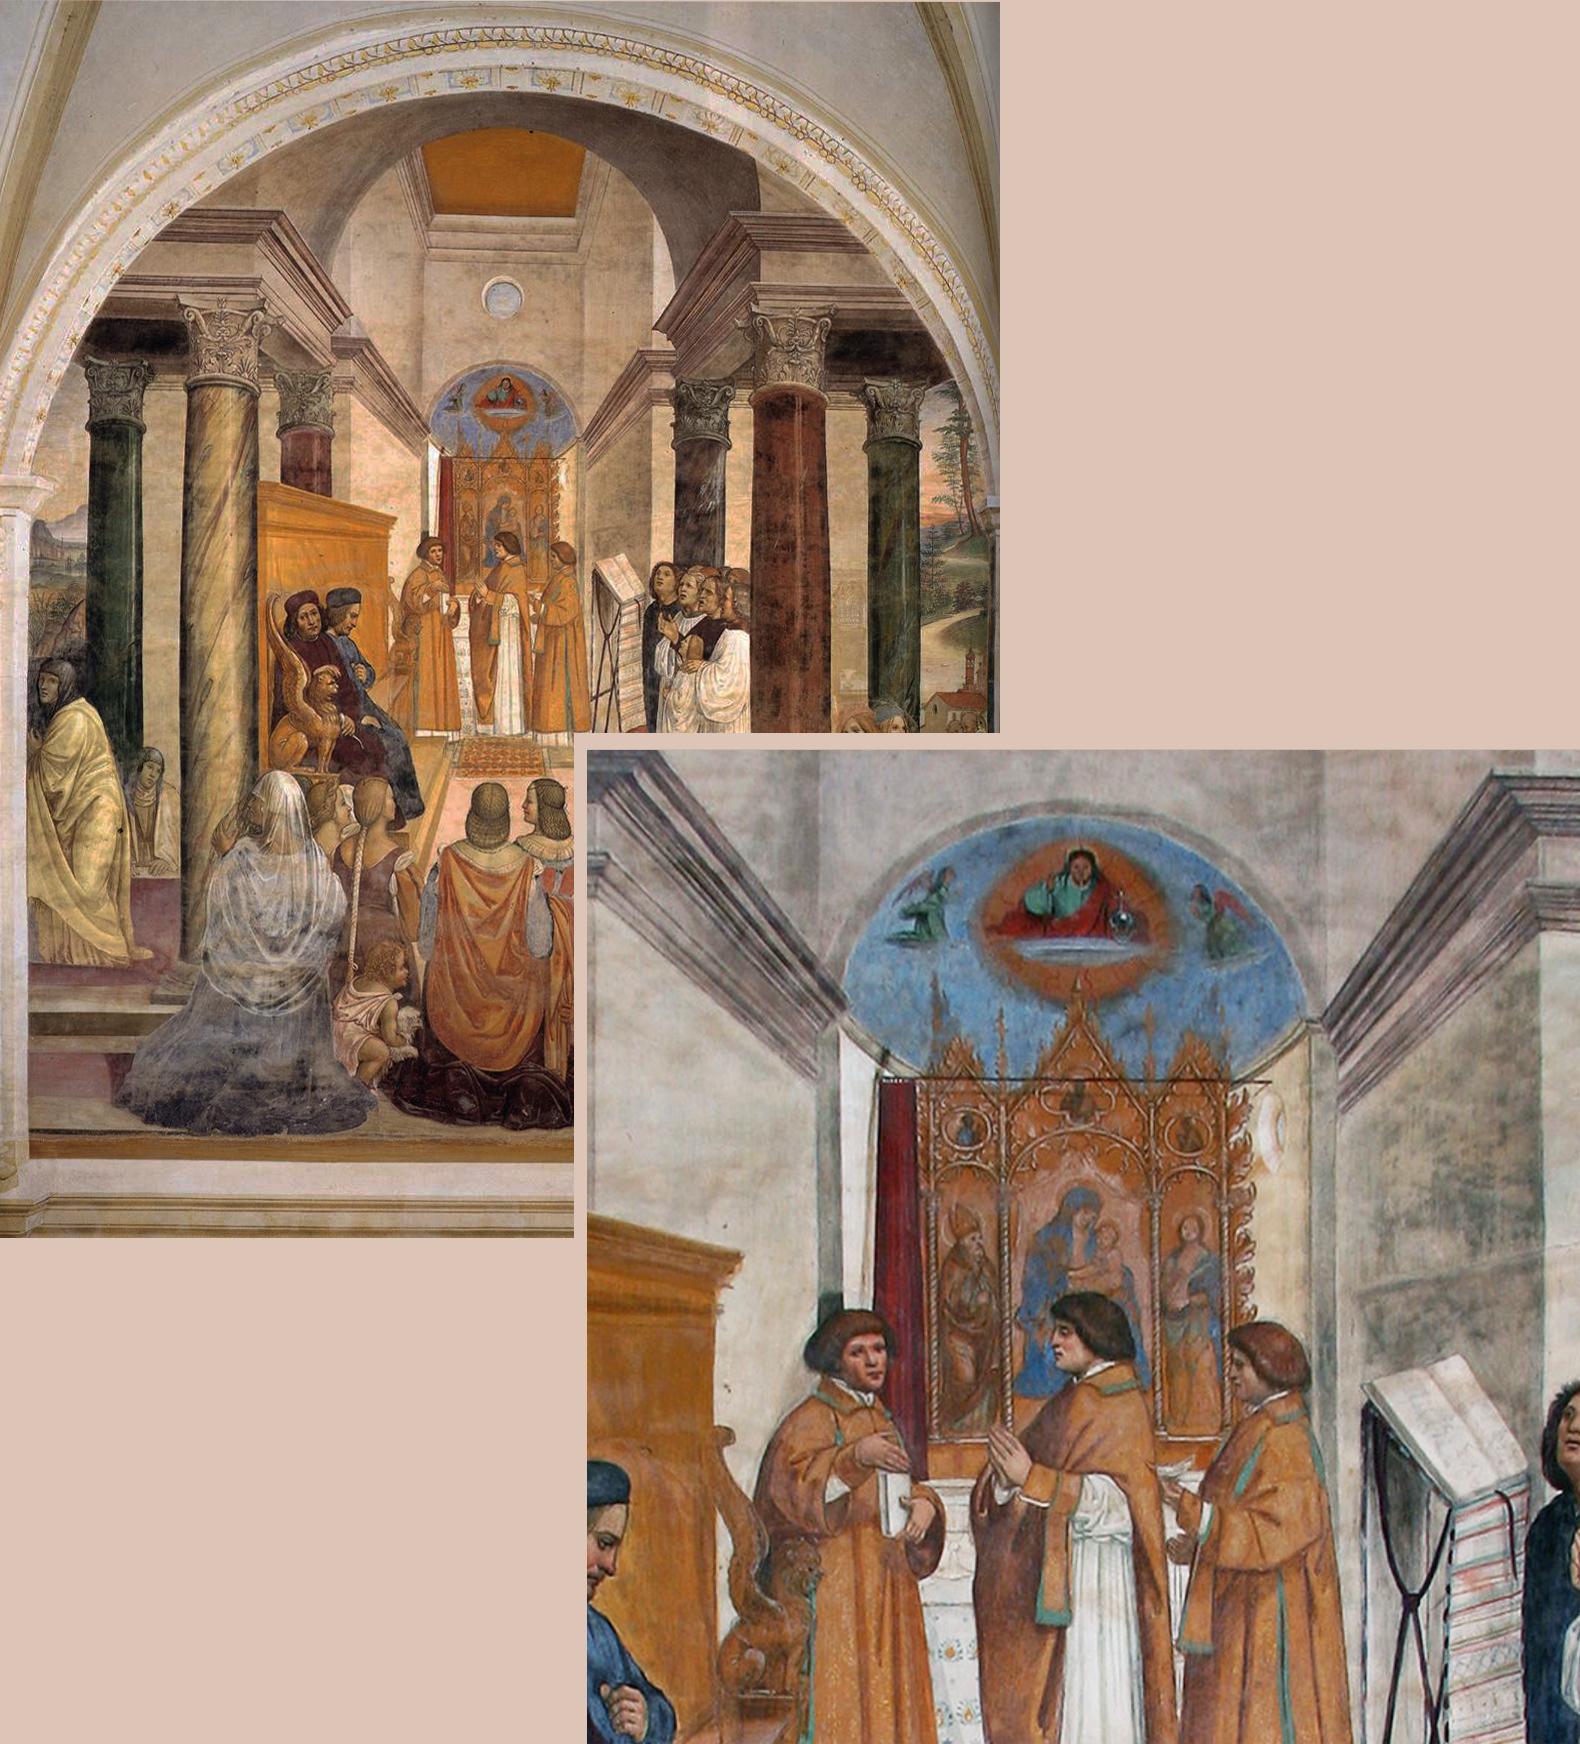 23 Sodoma St Benedict 15050to08 from Life of St B frescos Abbazia Monteoliveto Maggiore